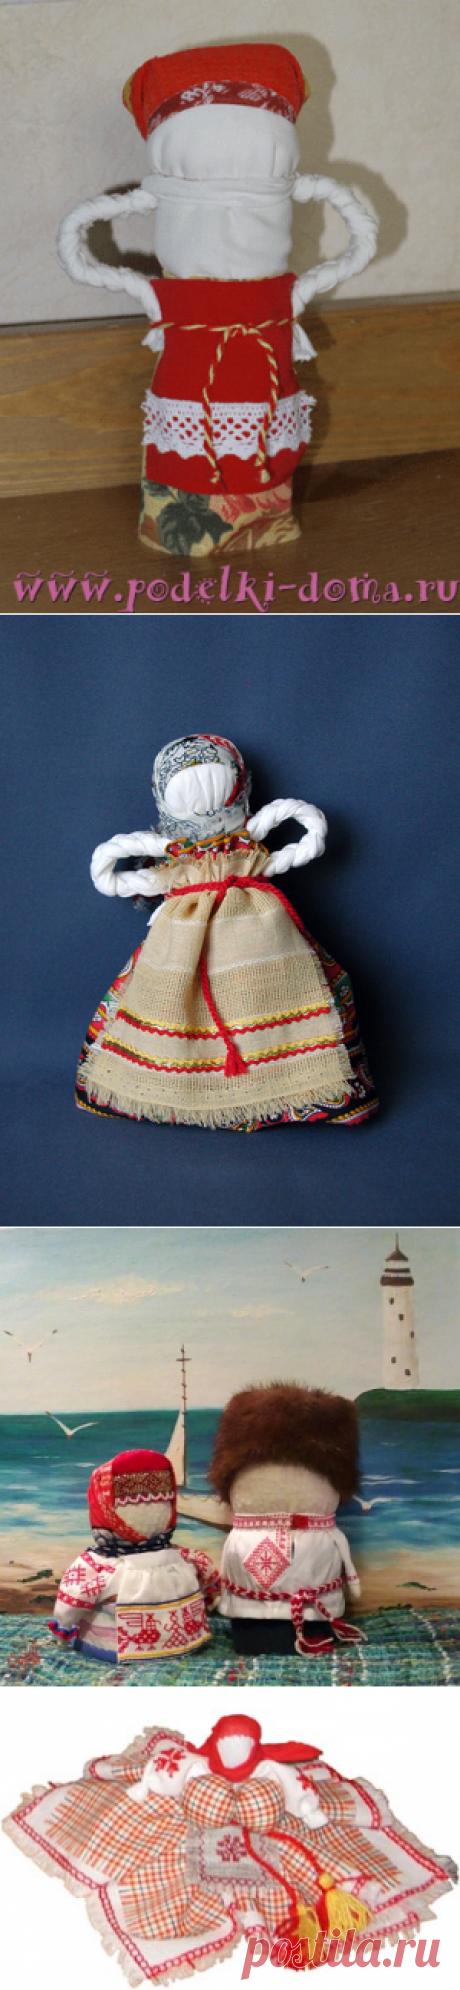 slovyanskie las muñecas-guarda